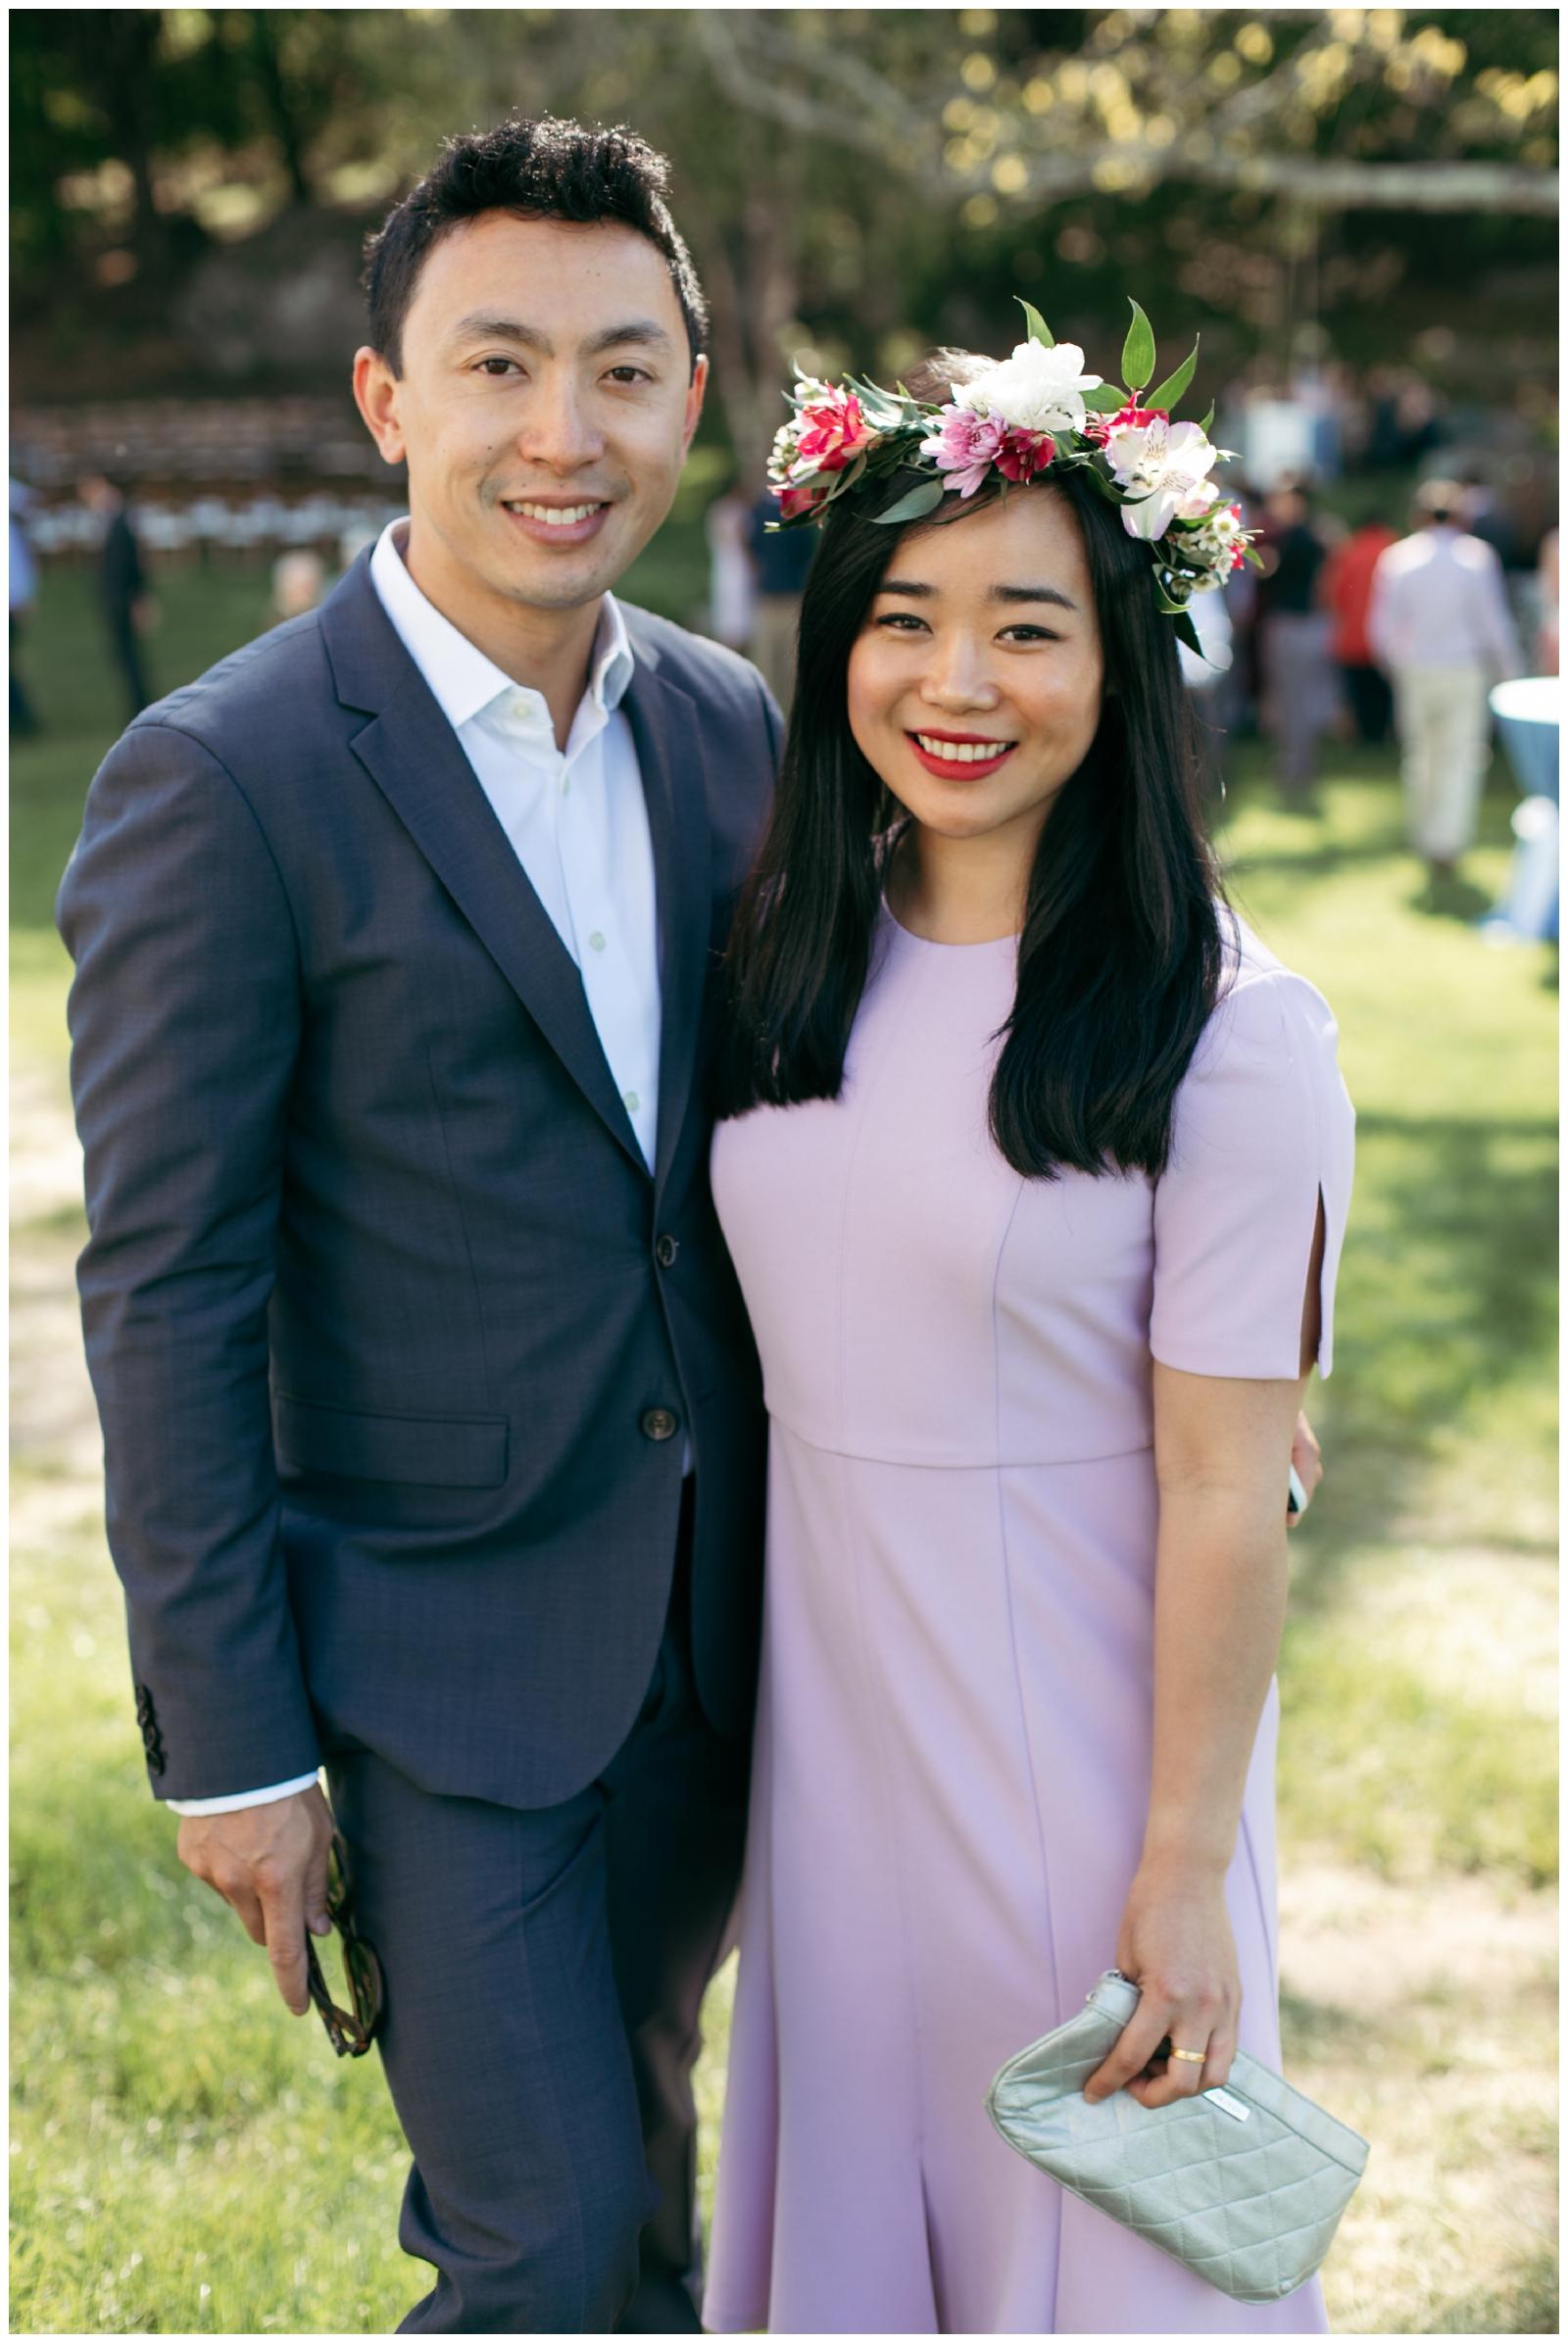 unique wedding party ideas